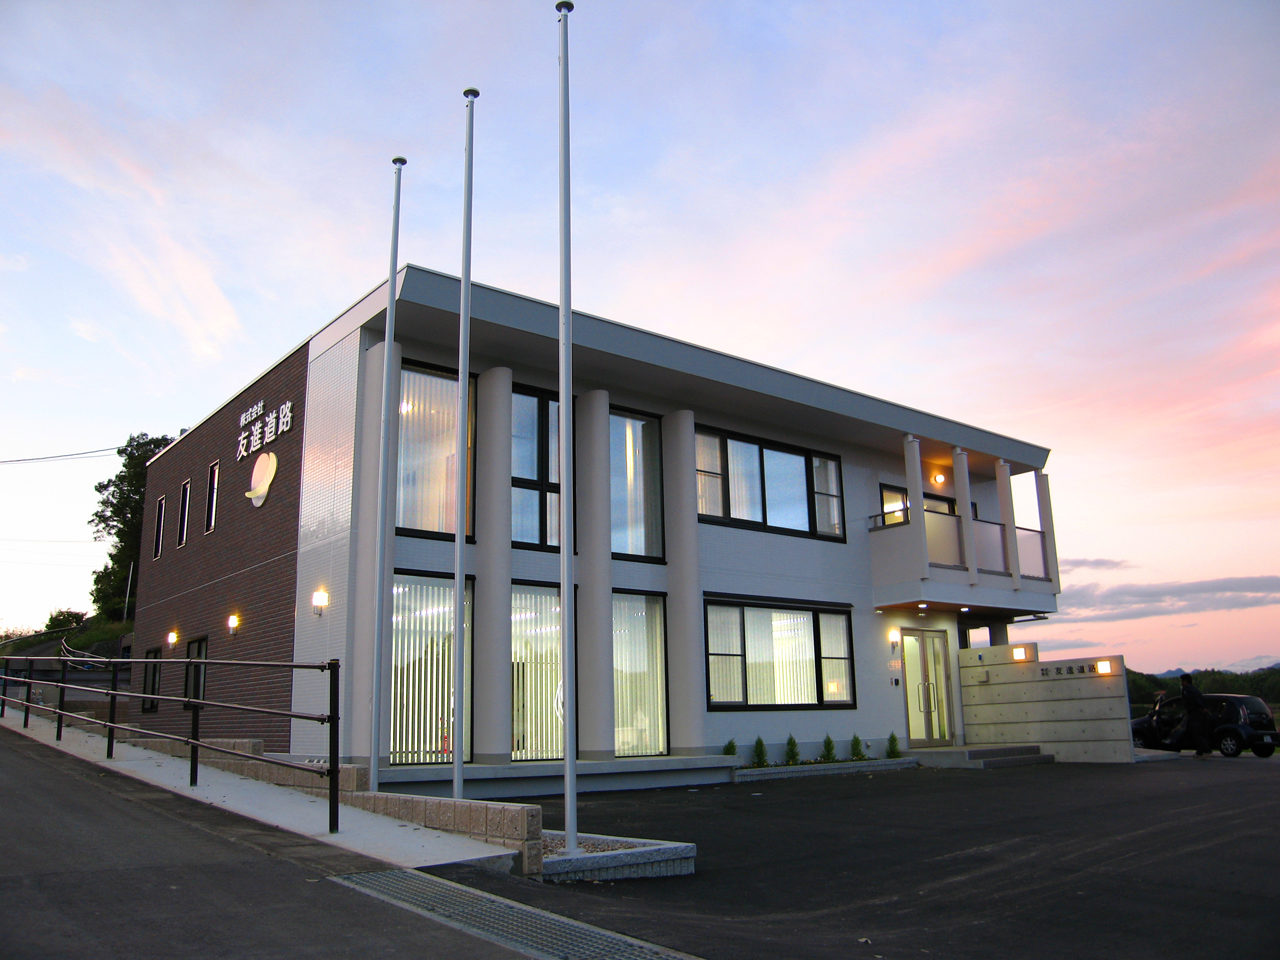 事務所併用ホームエレベーター付きバリアフリー住宅の新築設計